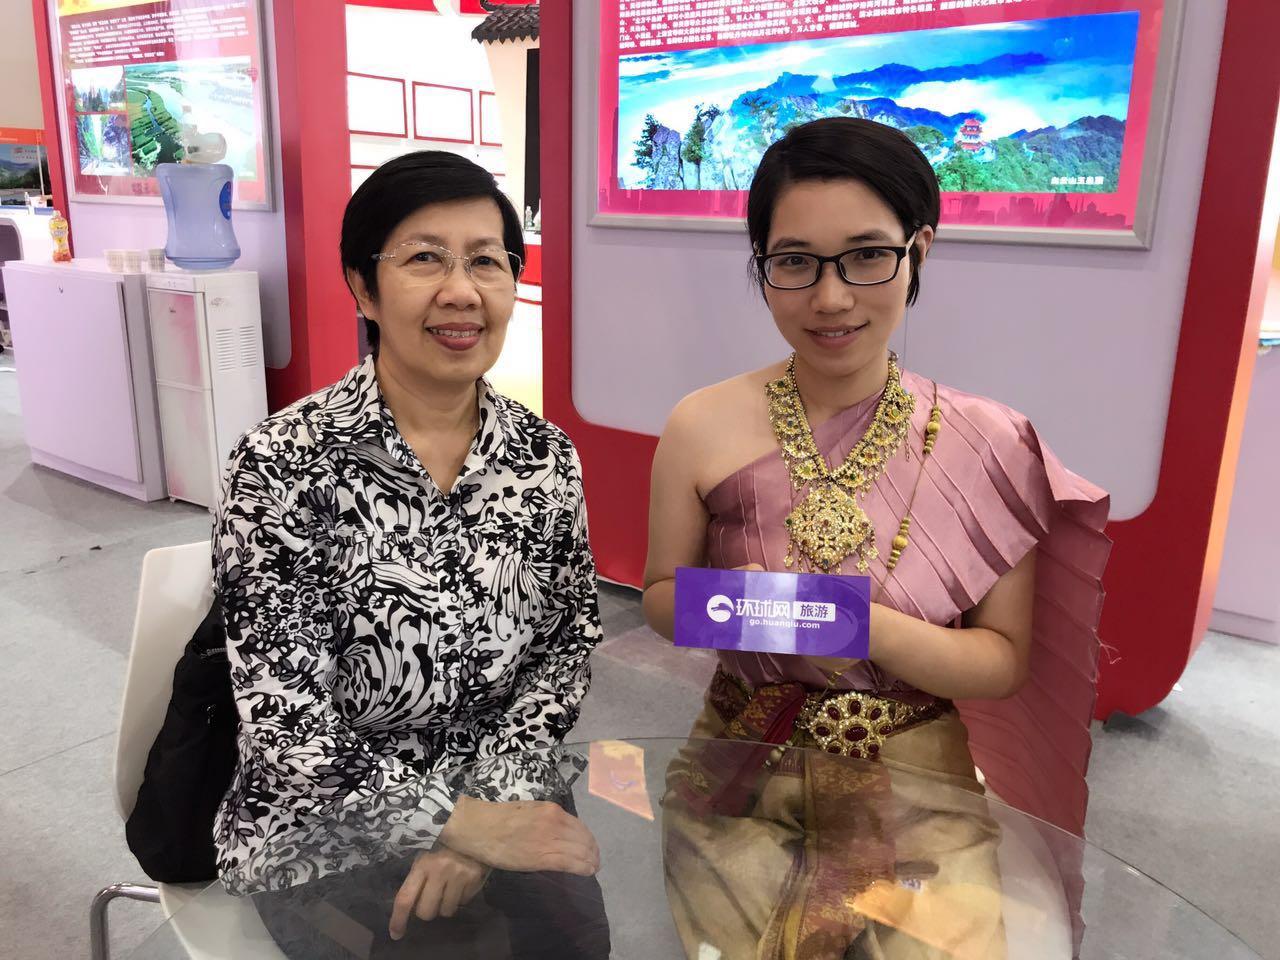 专访泰国国家澳门永利局:多重玩法提升旅途新鲜感 安全澳门永利需遵从当地建议